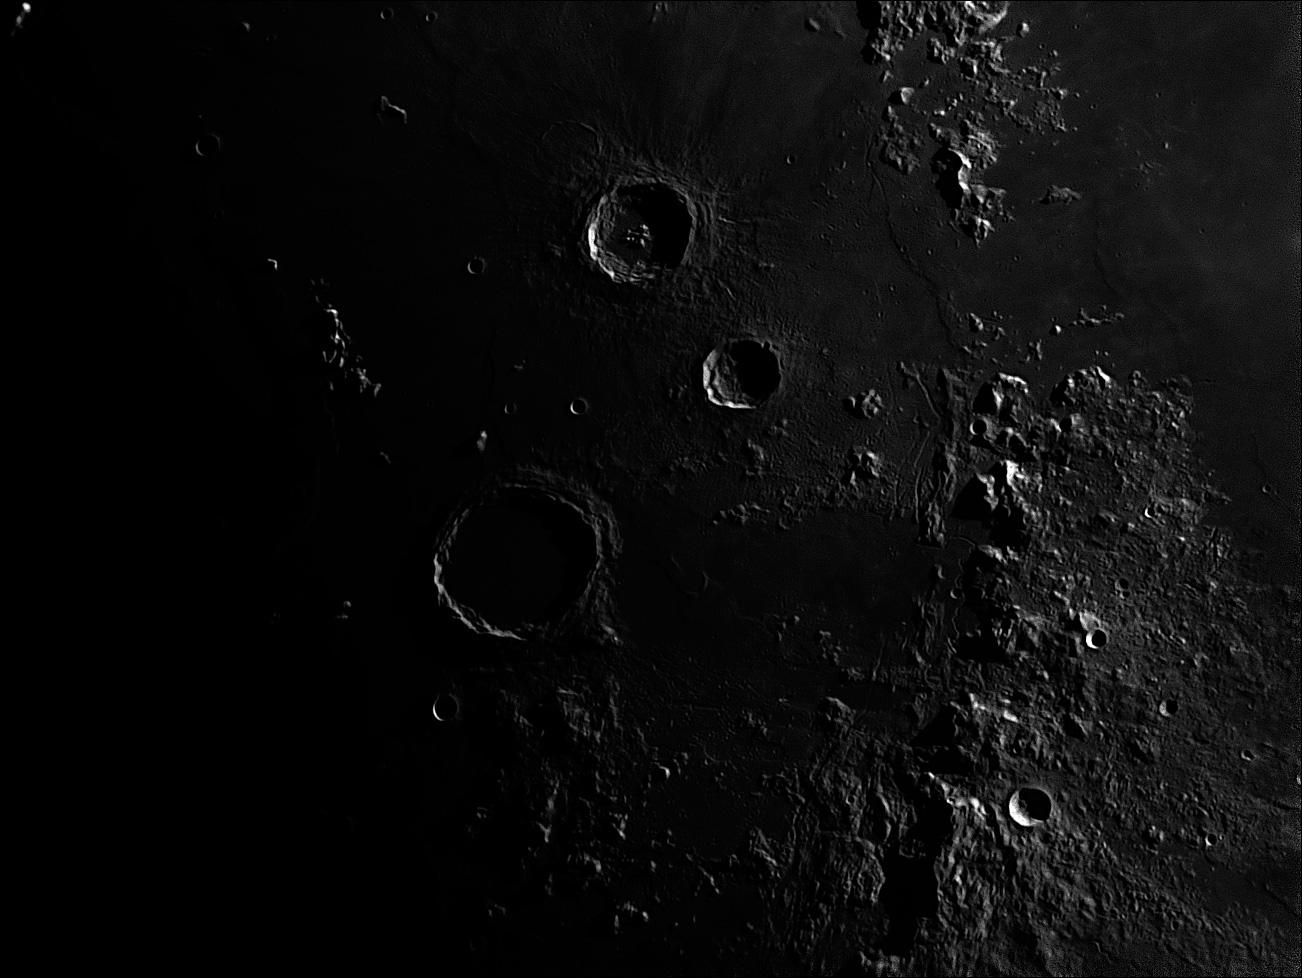 La Lune - Page 32 Archimede7_5_2014